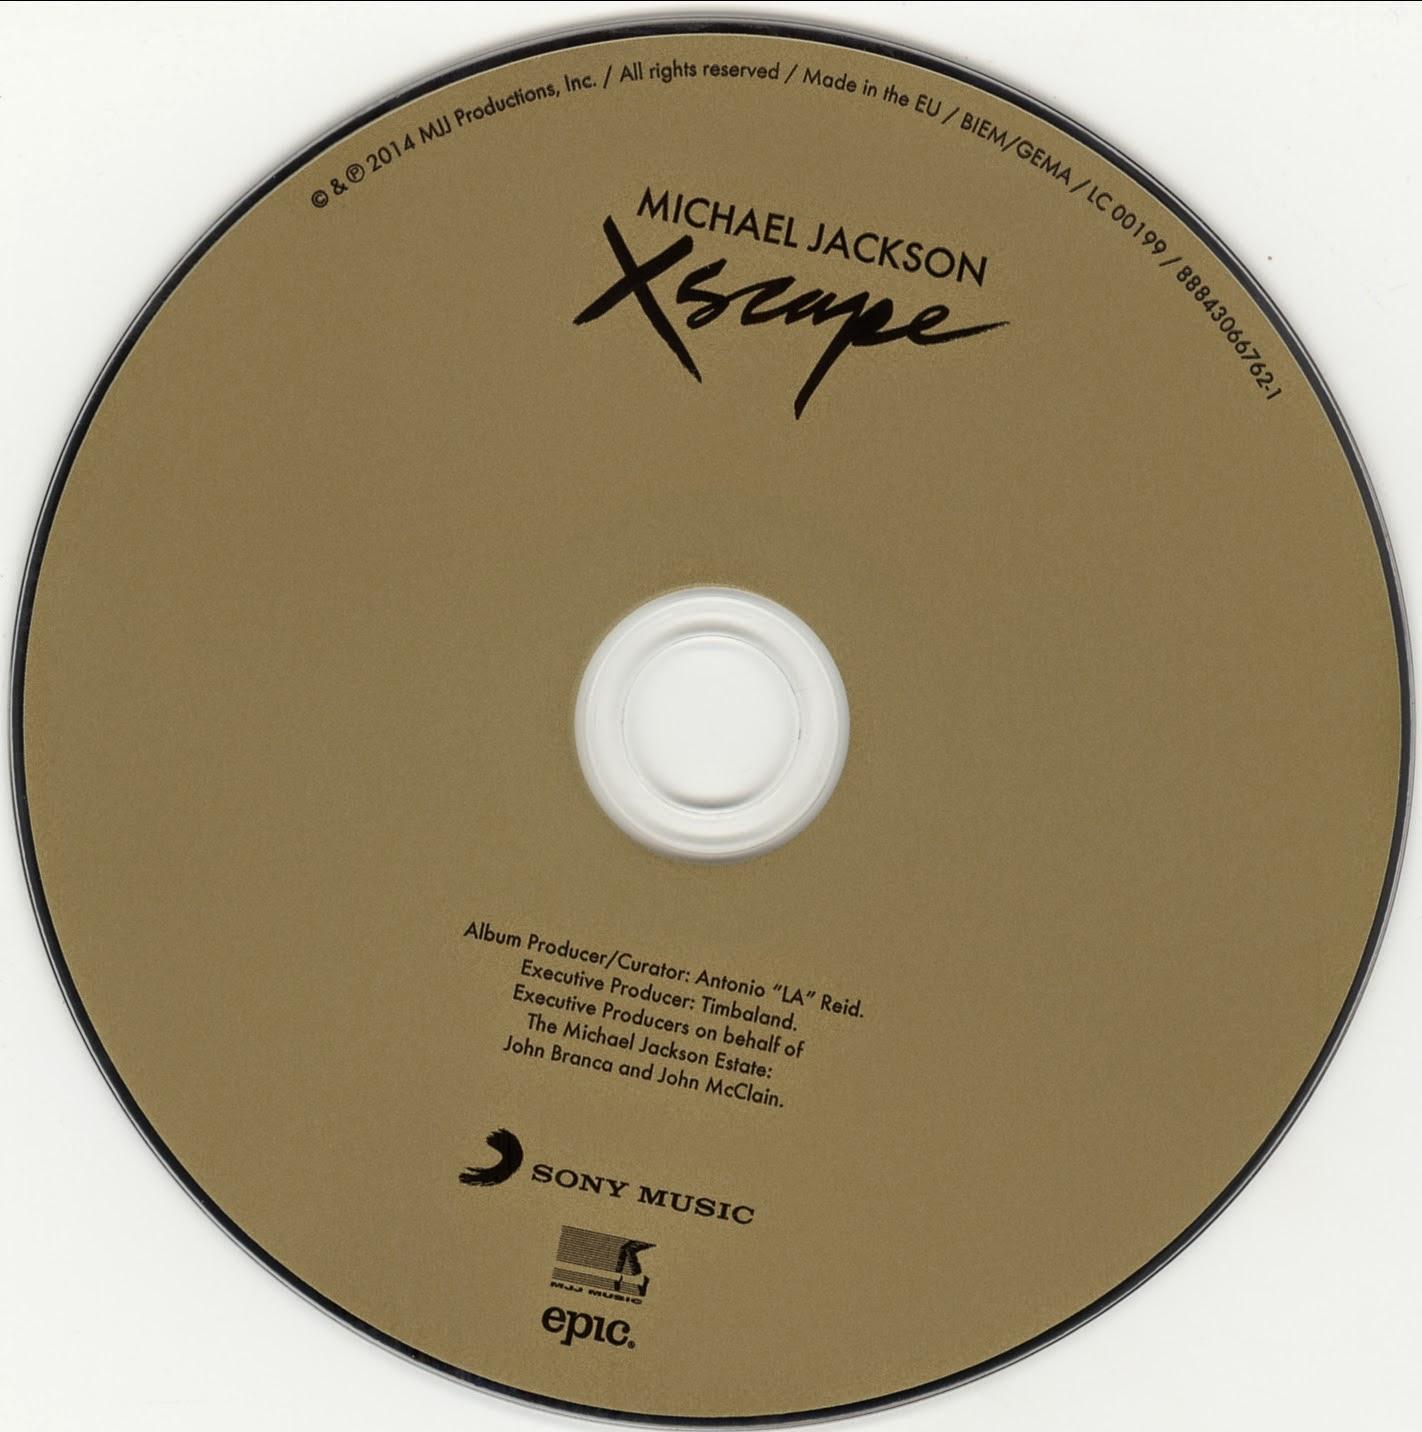 Michael Jackson - Xscape - CD bmpXscape Michael Jackson Deluxe